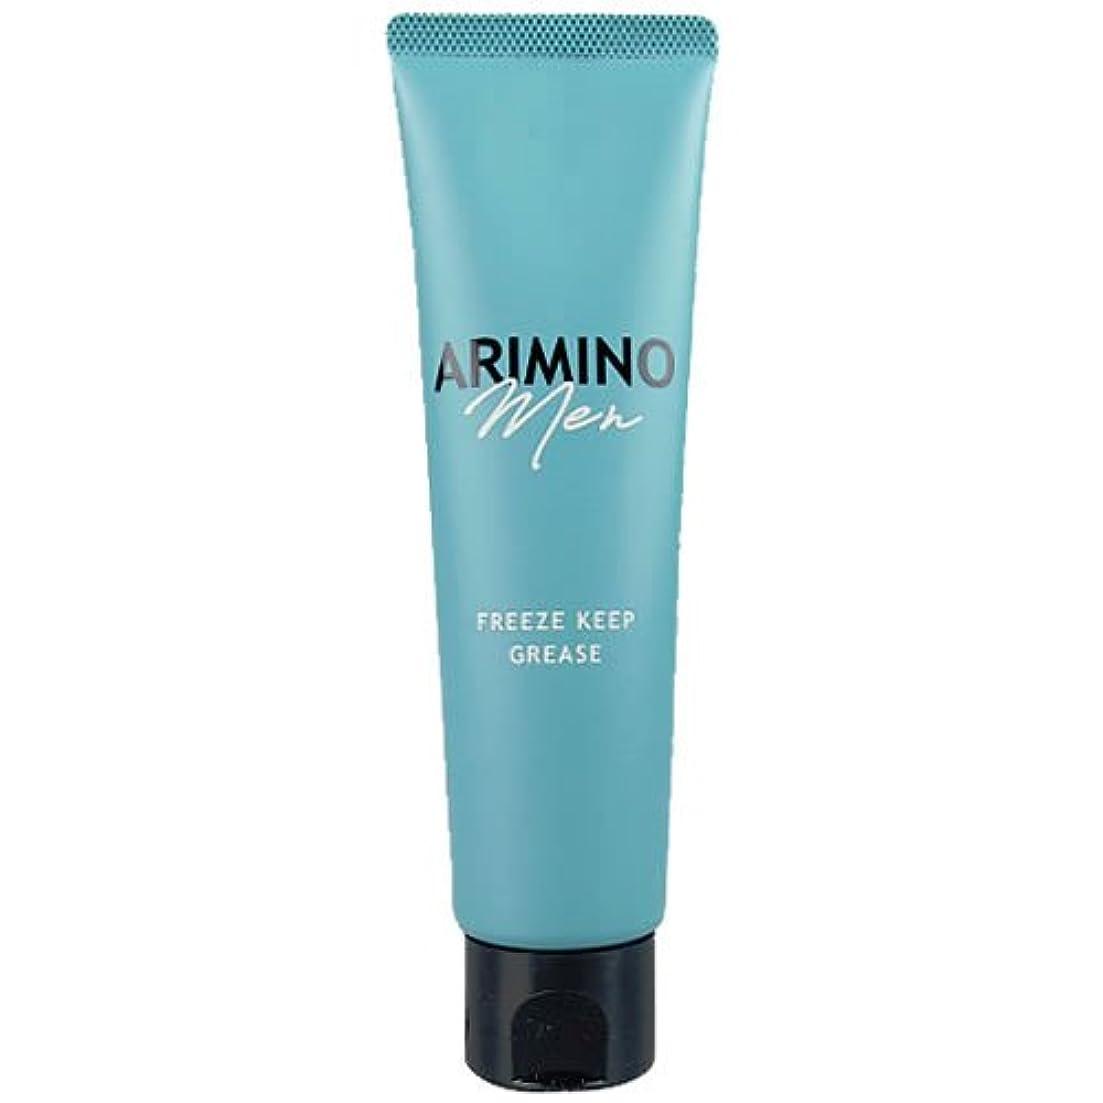 食欲屋内で高くアリミノ ARIMINO アリミノ メン フリーズキープ グリース 100g [並行輸入品]